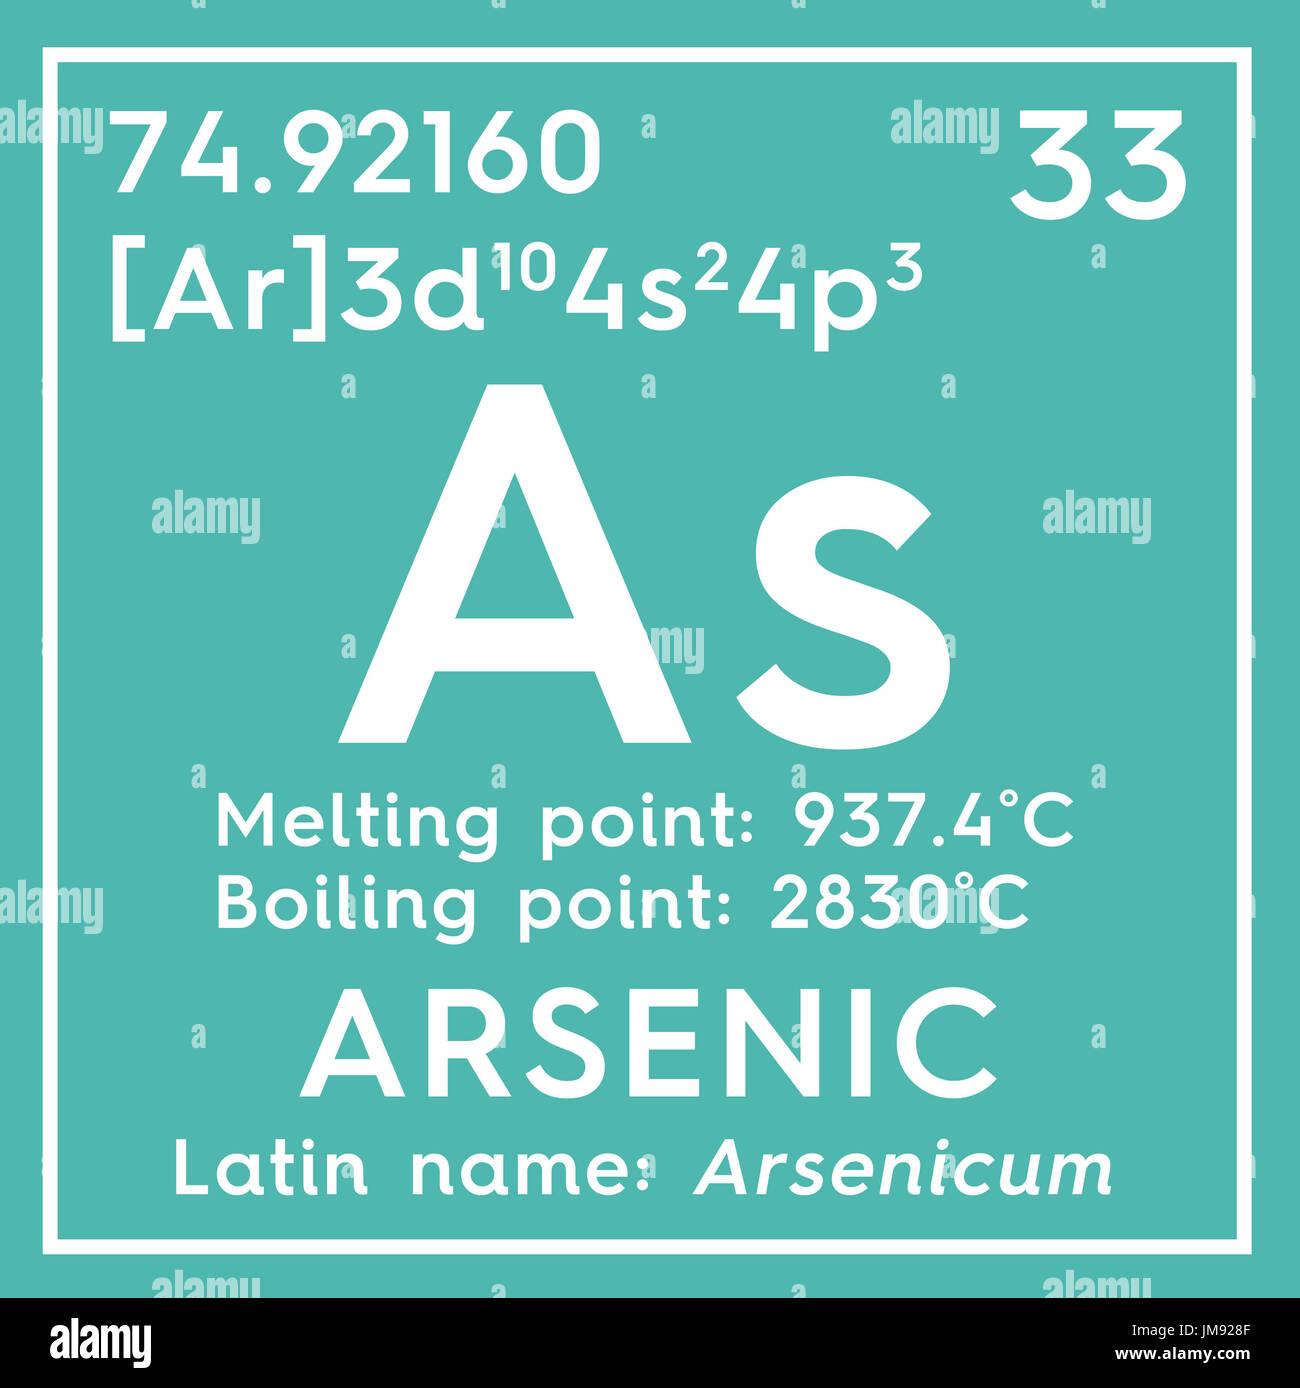 El arsnico arsenicum los metaloides elemento qumico de la tabla el arsnico arsenicum los metaloides elemento qumico de la tabla peridica de mendeleyev arsnico en square cube concepto creativo urtaz Gallery